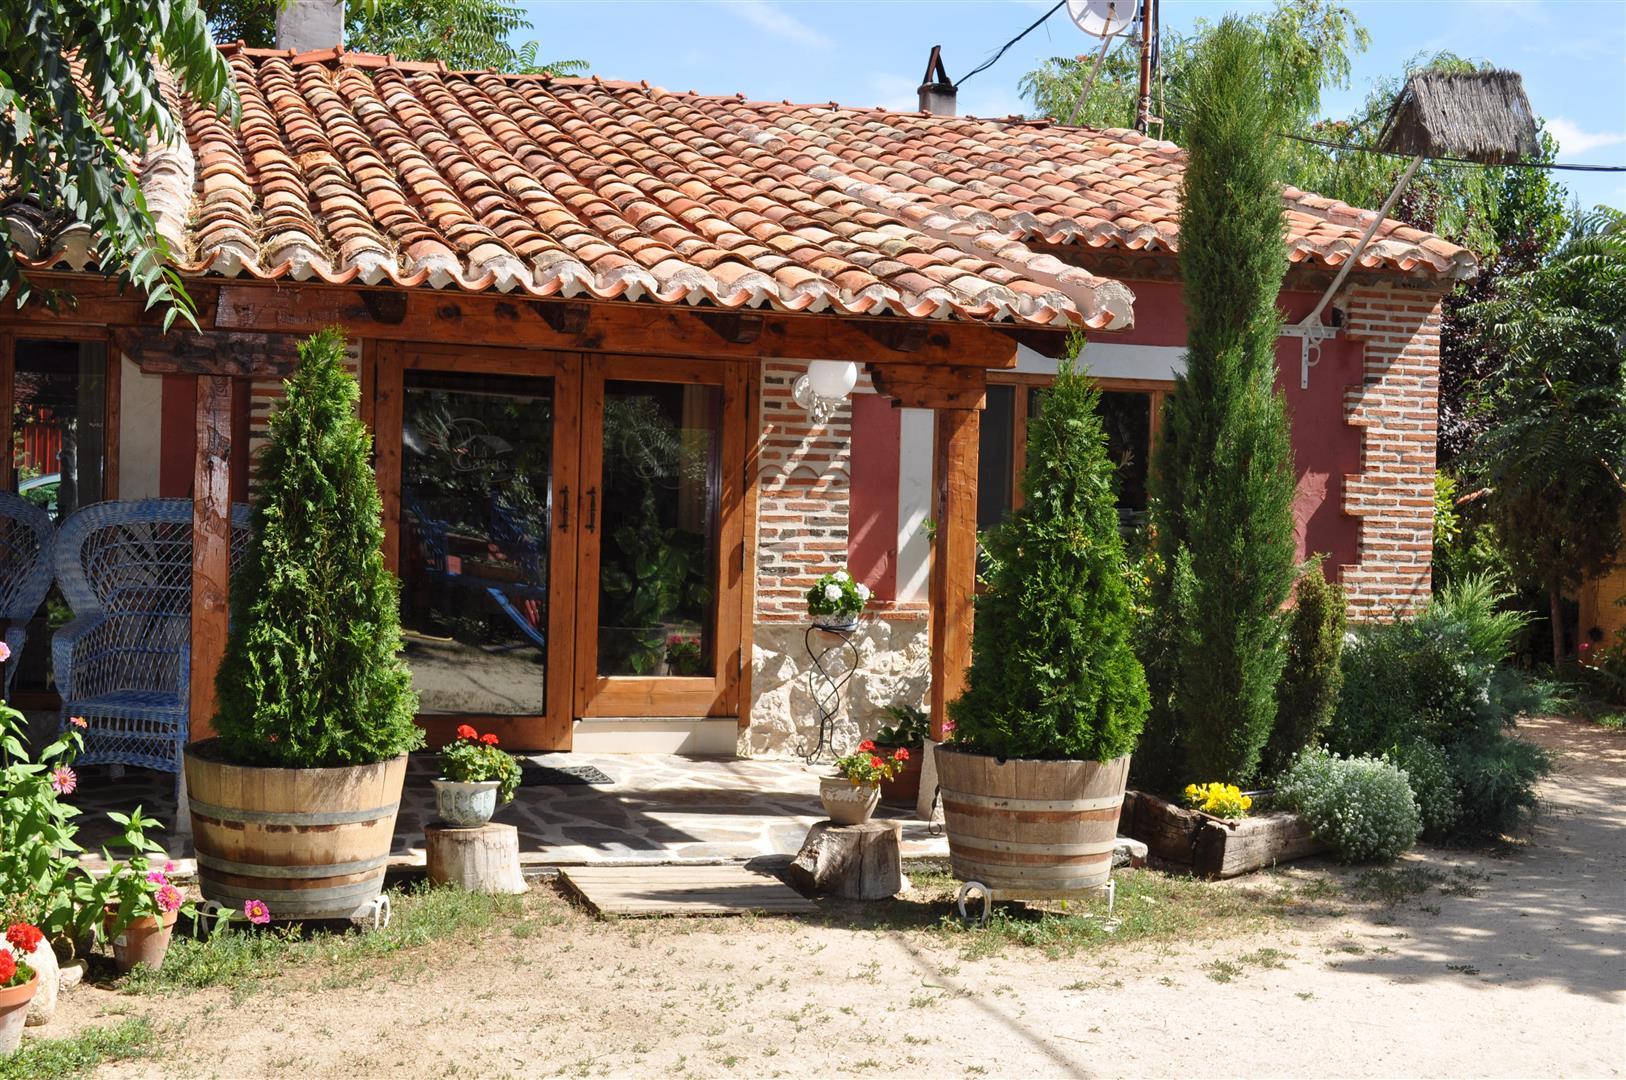 El Complejo Casas Rurales Las Cavas